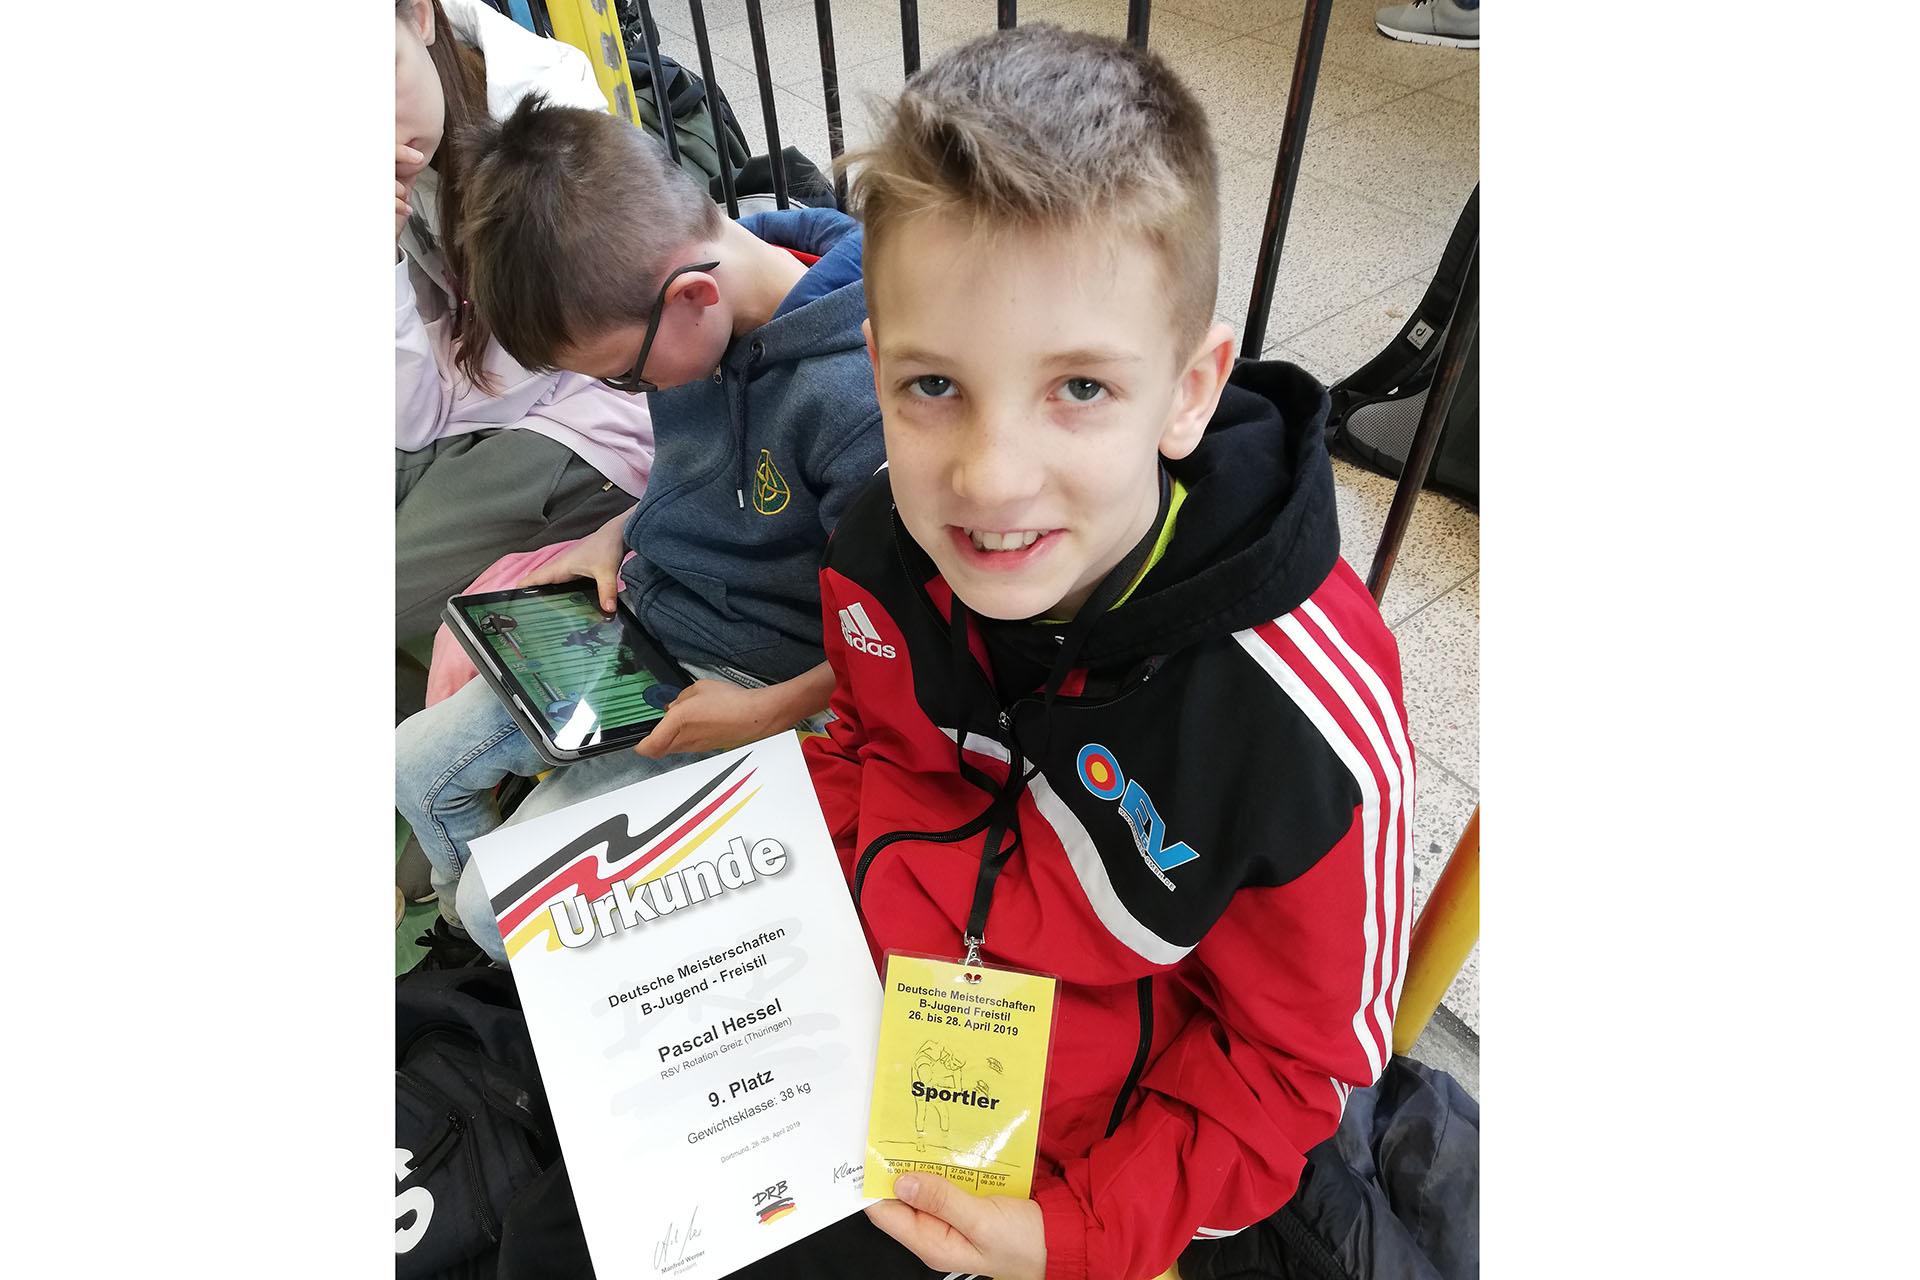 Pascal Hessel vom RSV Rotation Greiz belegte bei den deutschen Meisterschaften Rang neun.